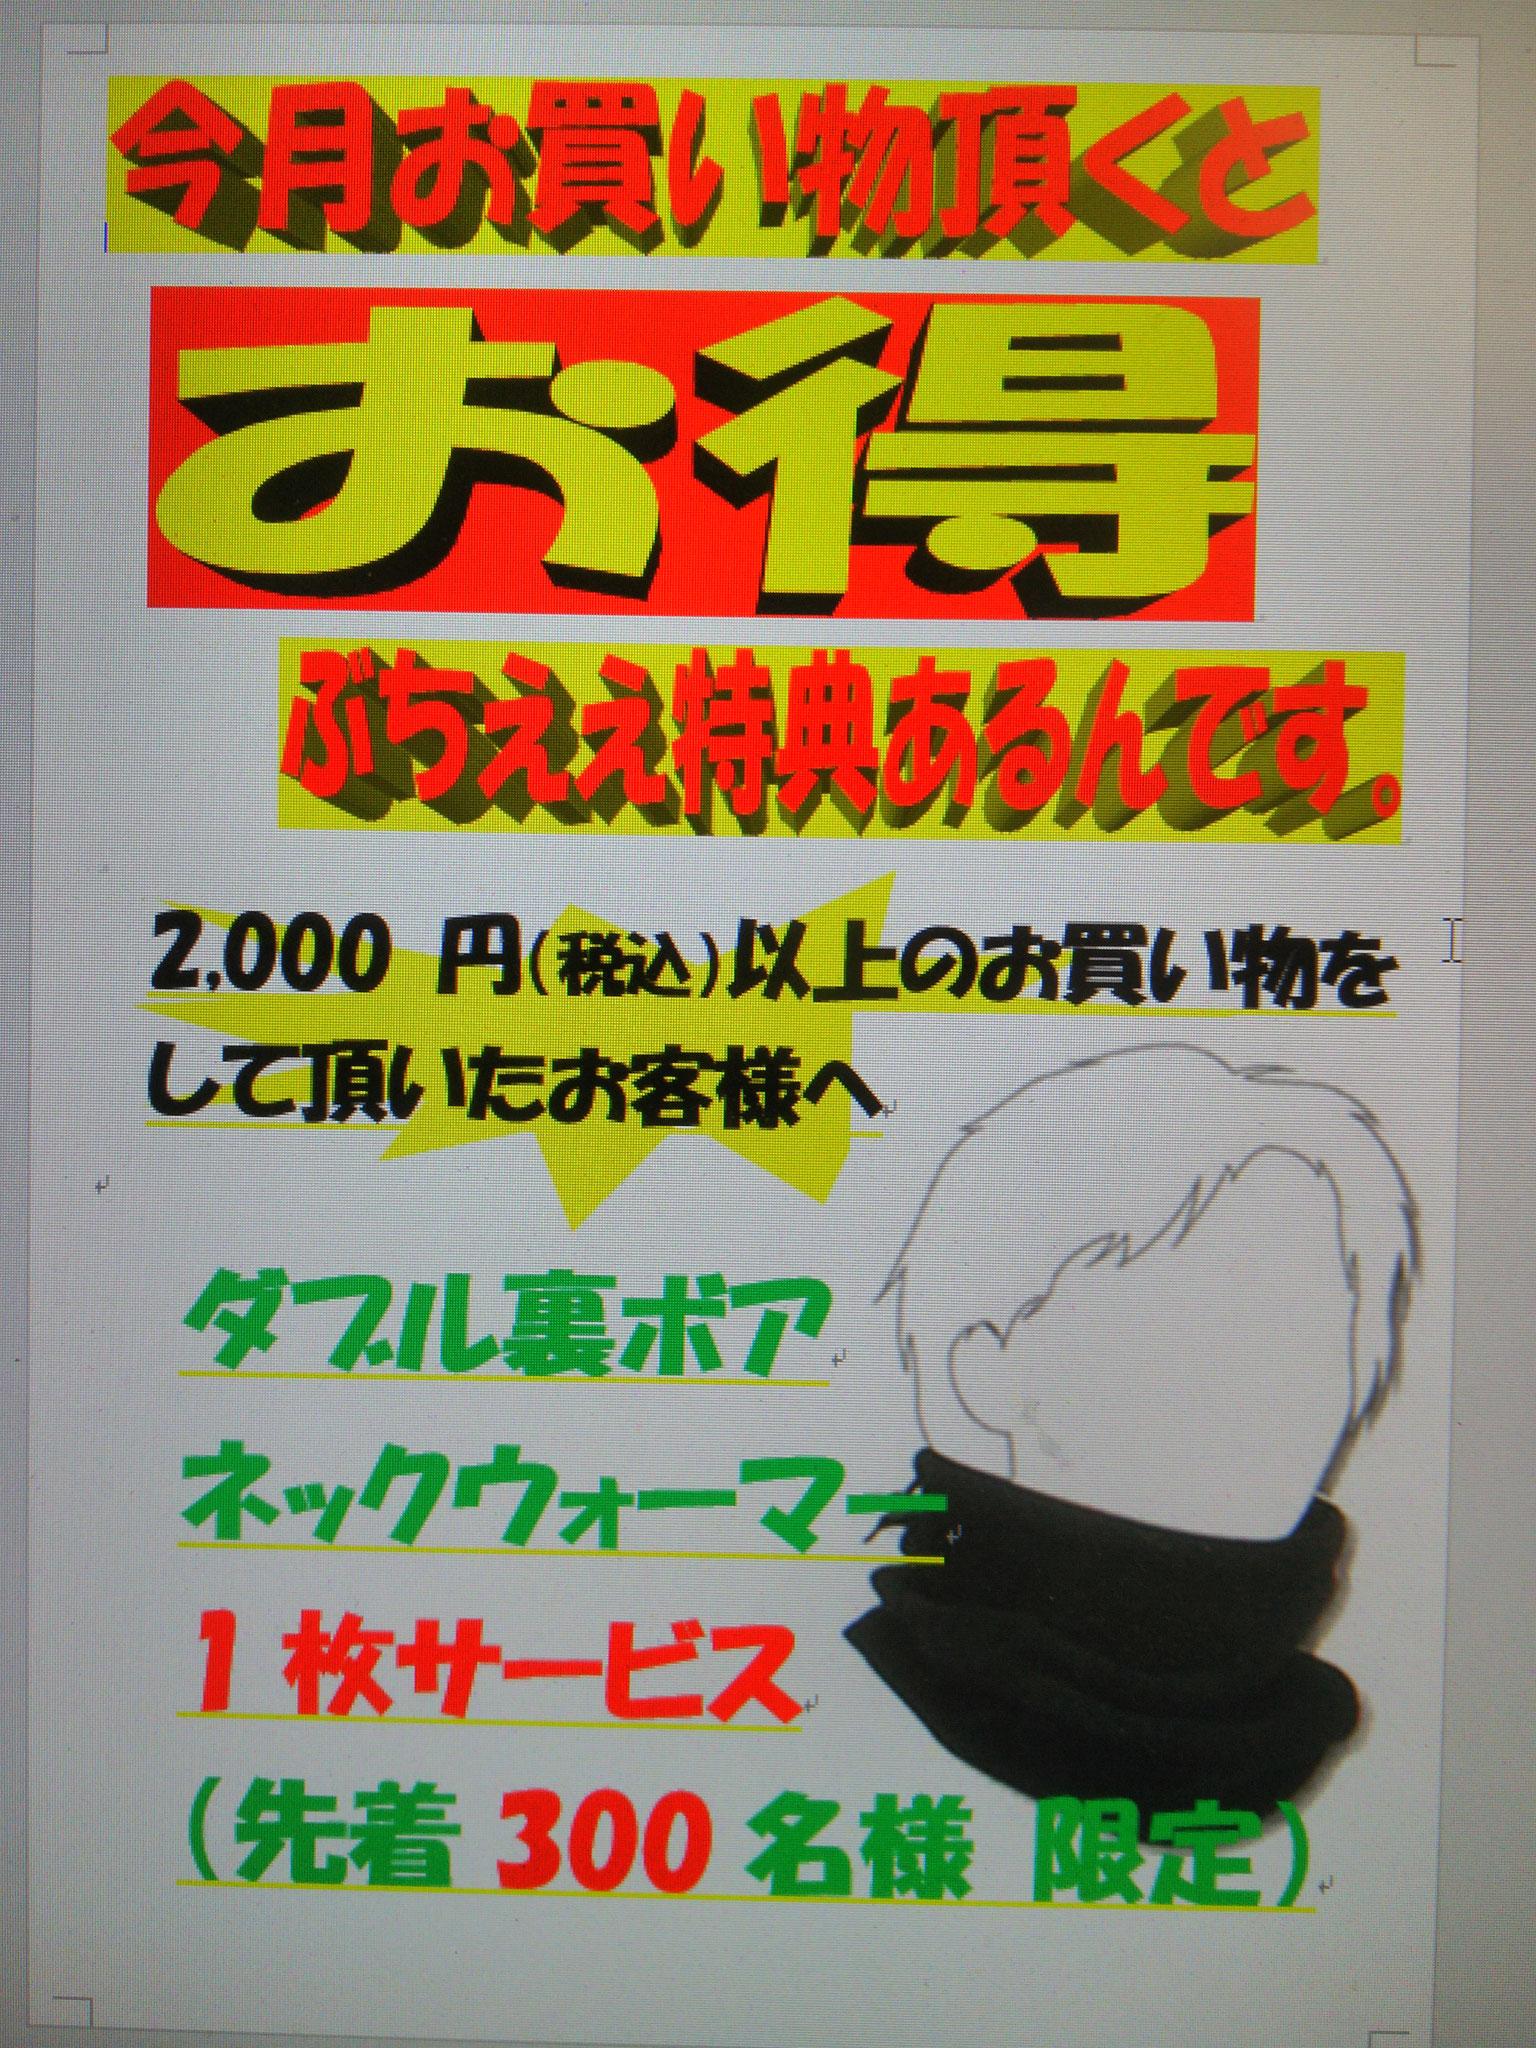 今月のイベント 2000円(税込)以上お買い物して頂くと、ダブル裏ボアネックウォーマープレゼント!!